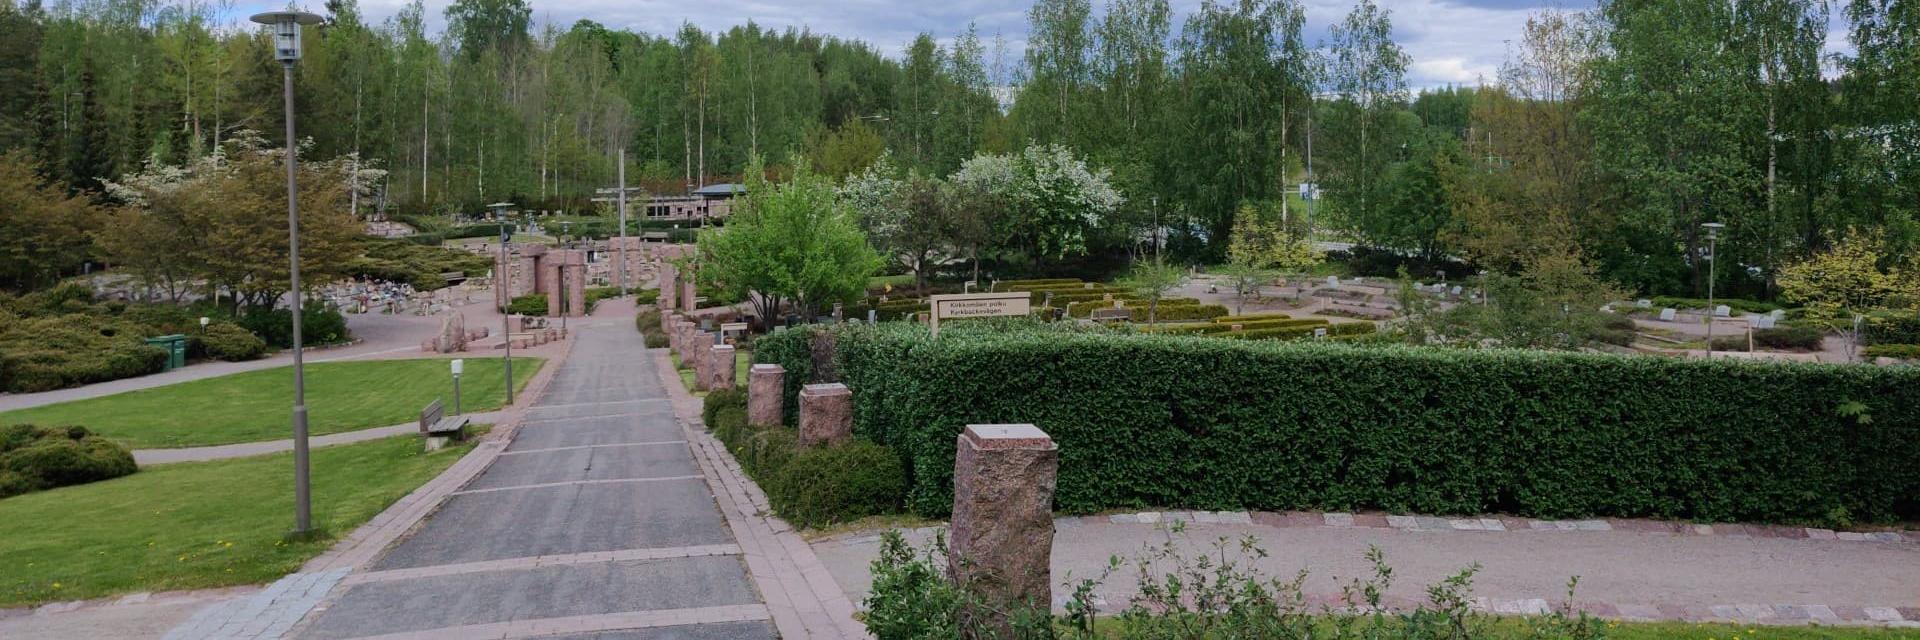 Puolipilvinen päivä hautausmaalla. Tie jonka päässä on suuri risti, suorat rivit joissa on eri muotoisia hautakiviä, pensasaita etualalla.